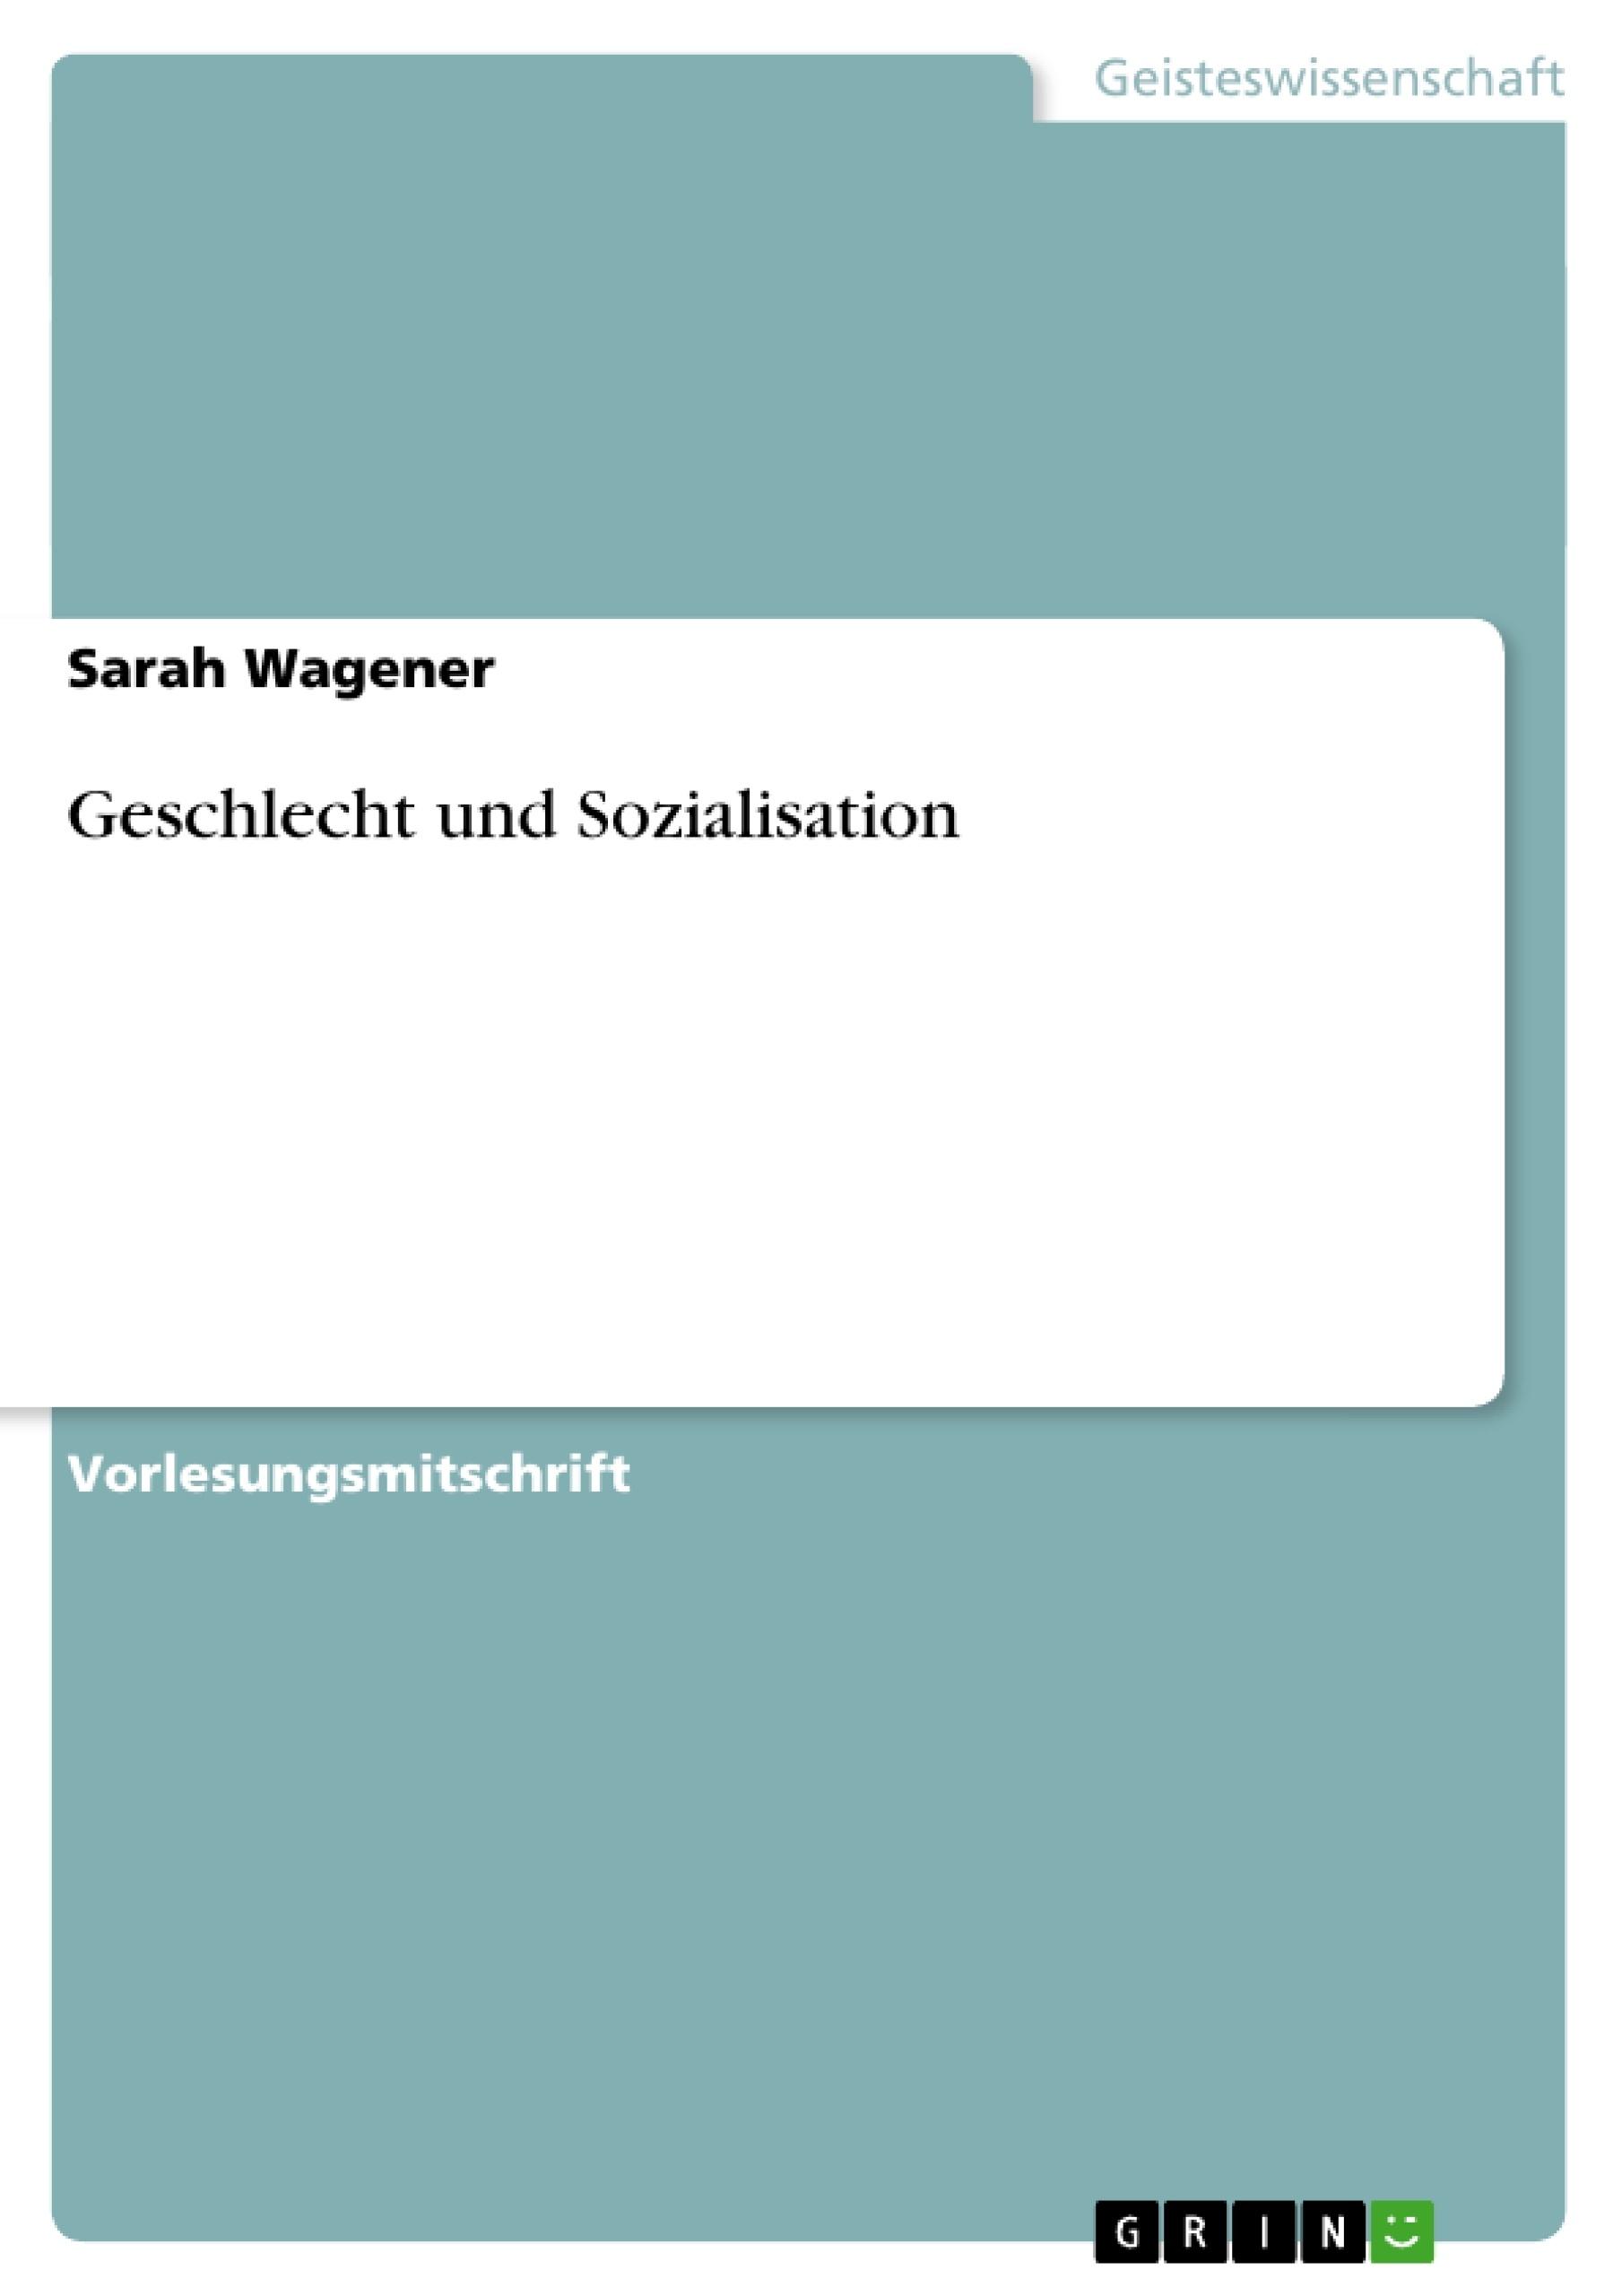 Titel: Geschlecht und Sozialisation